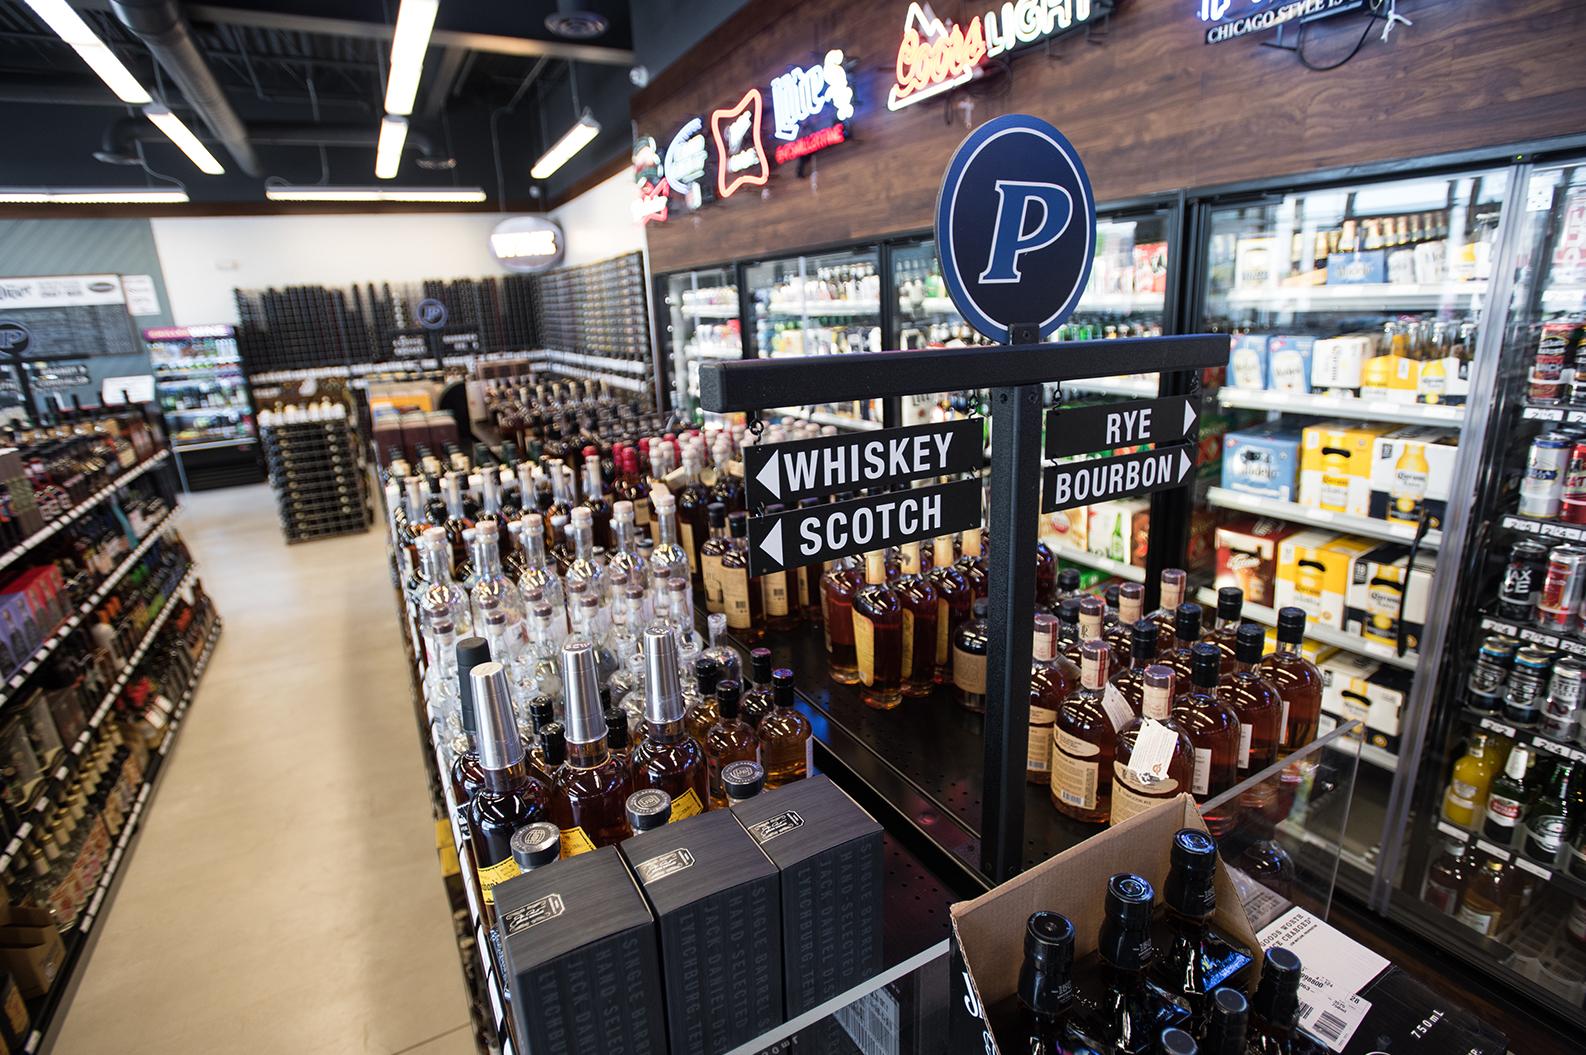 Pride Cafe liquor aisles